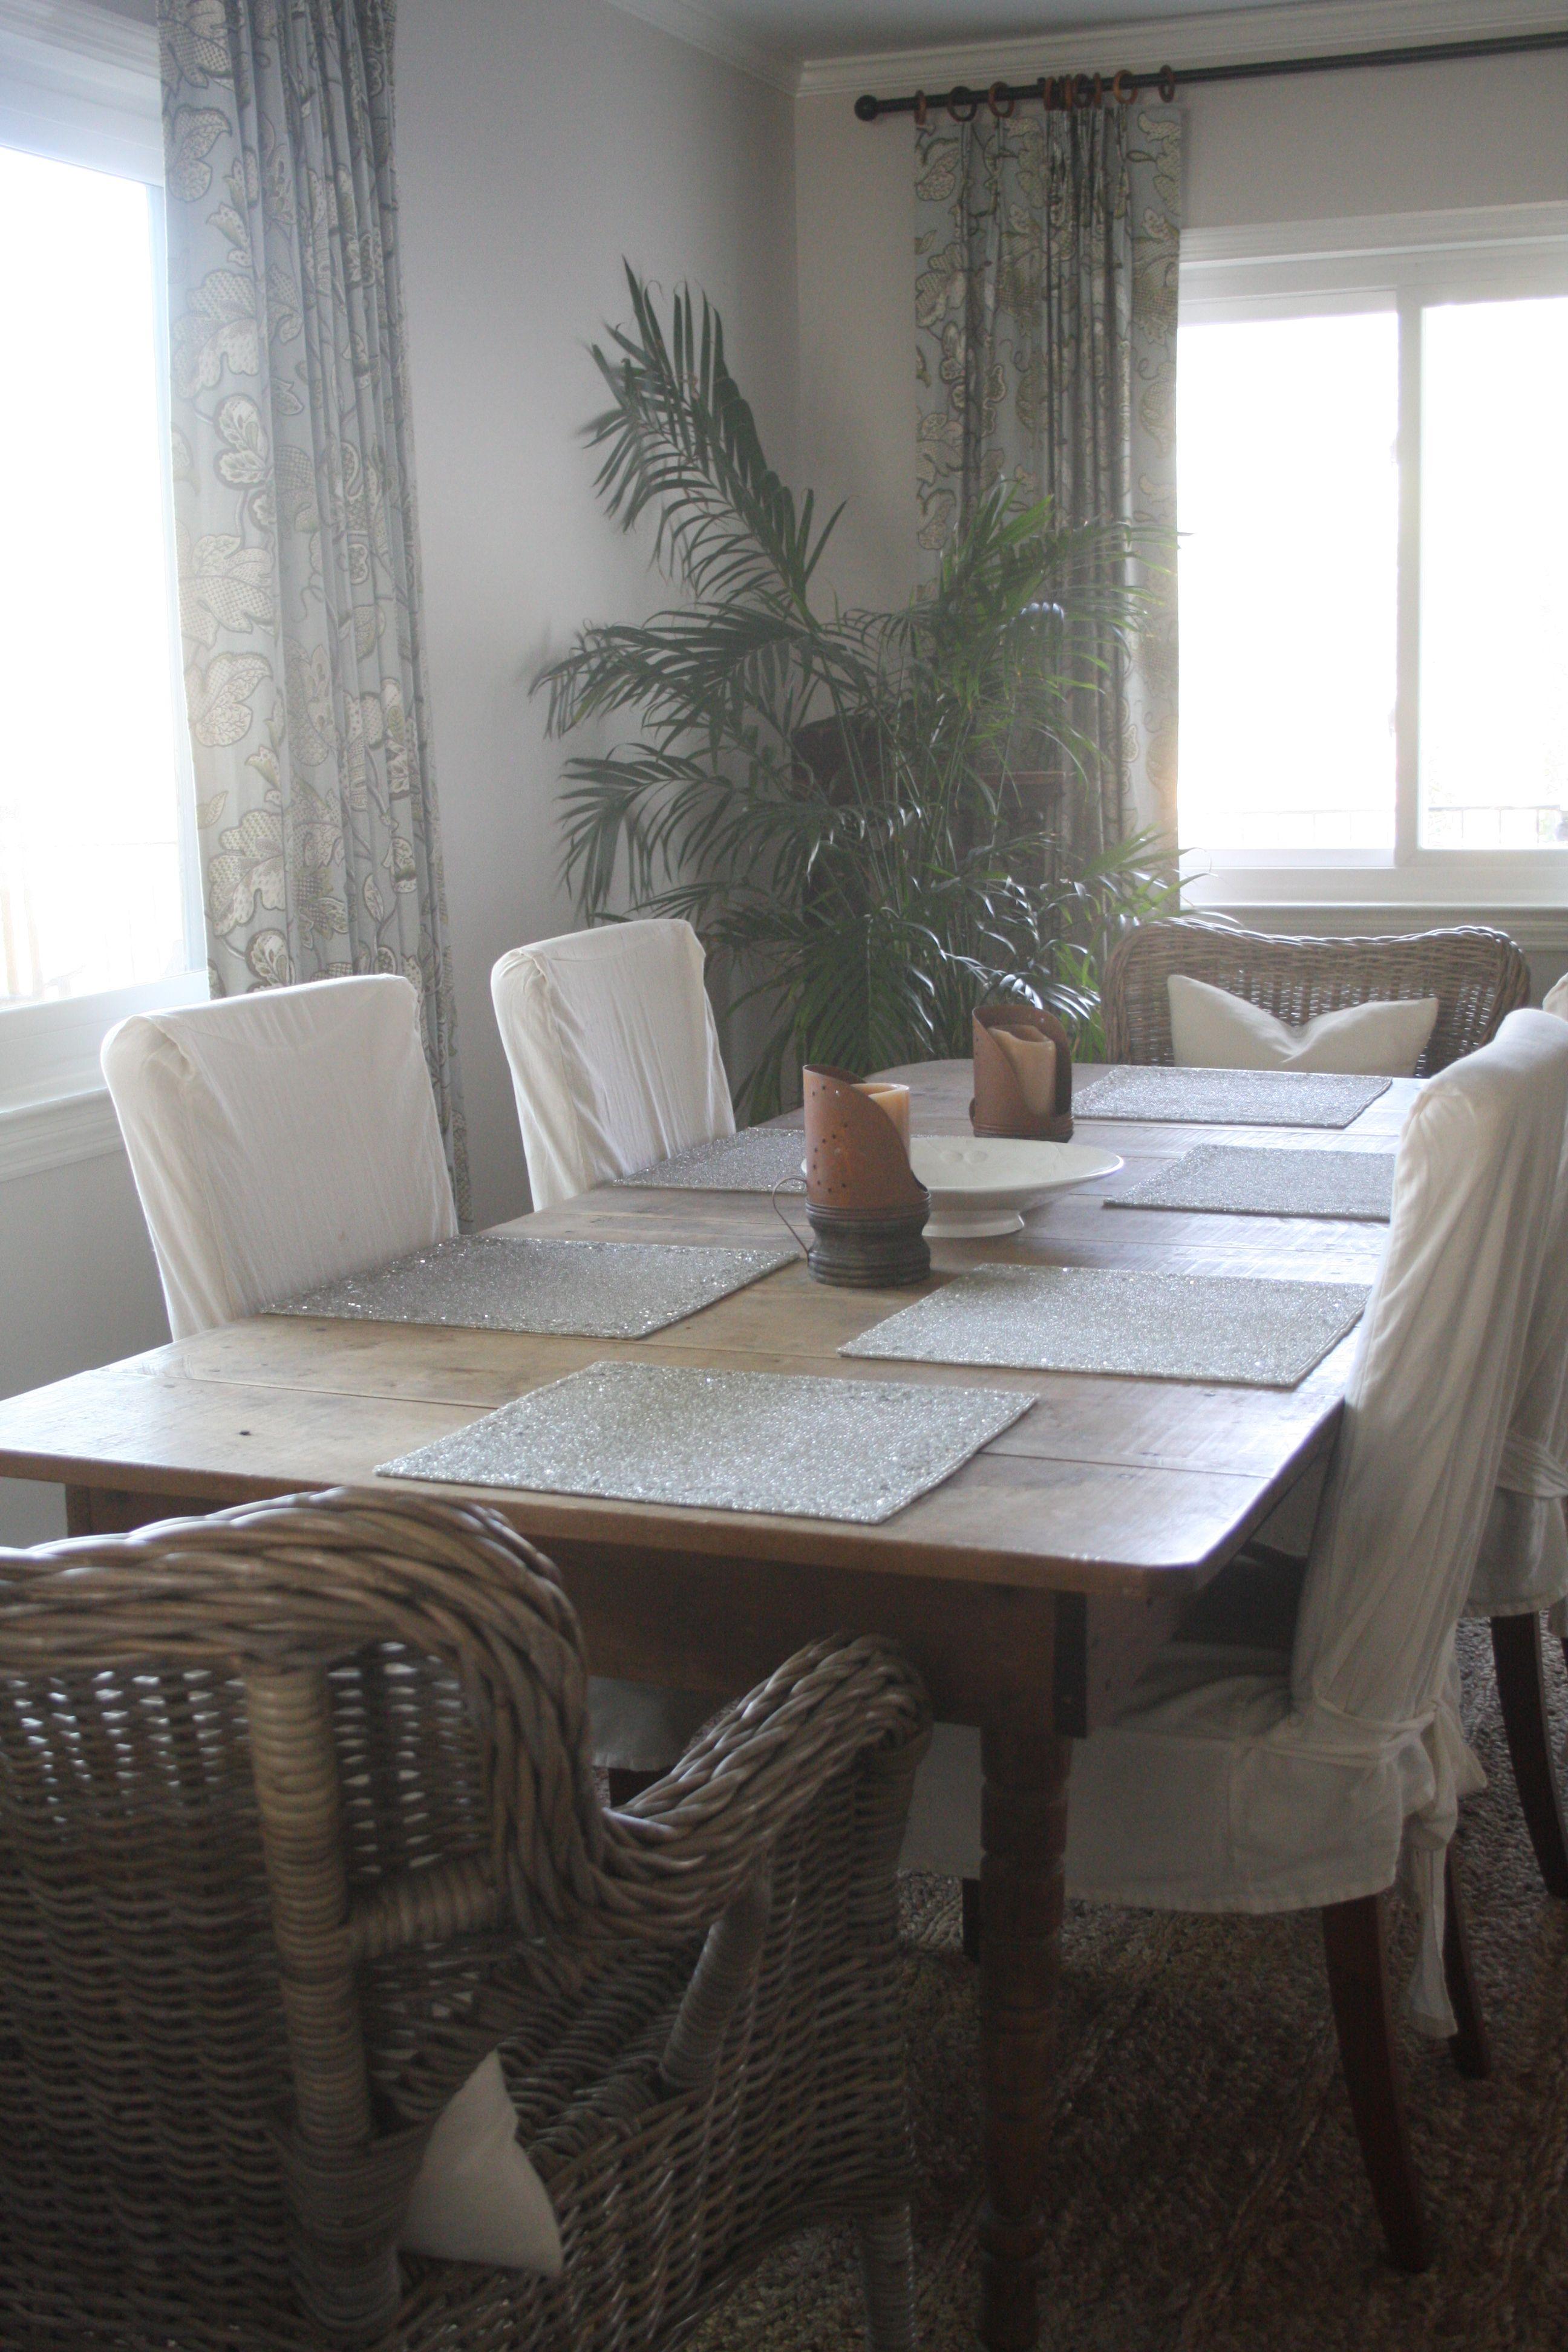 feff2913ae50edd008a798e385d33dbf Frais De Table Bois Ikea Des Idées